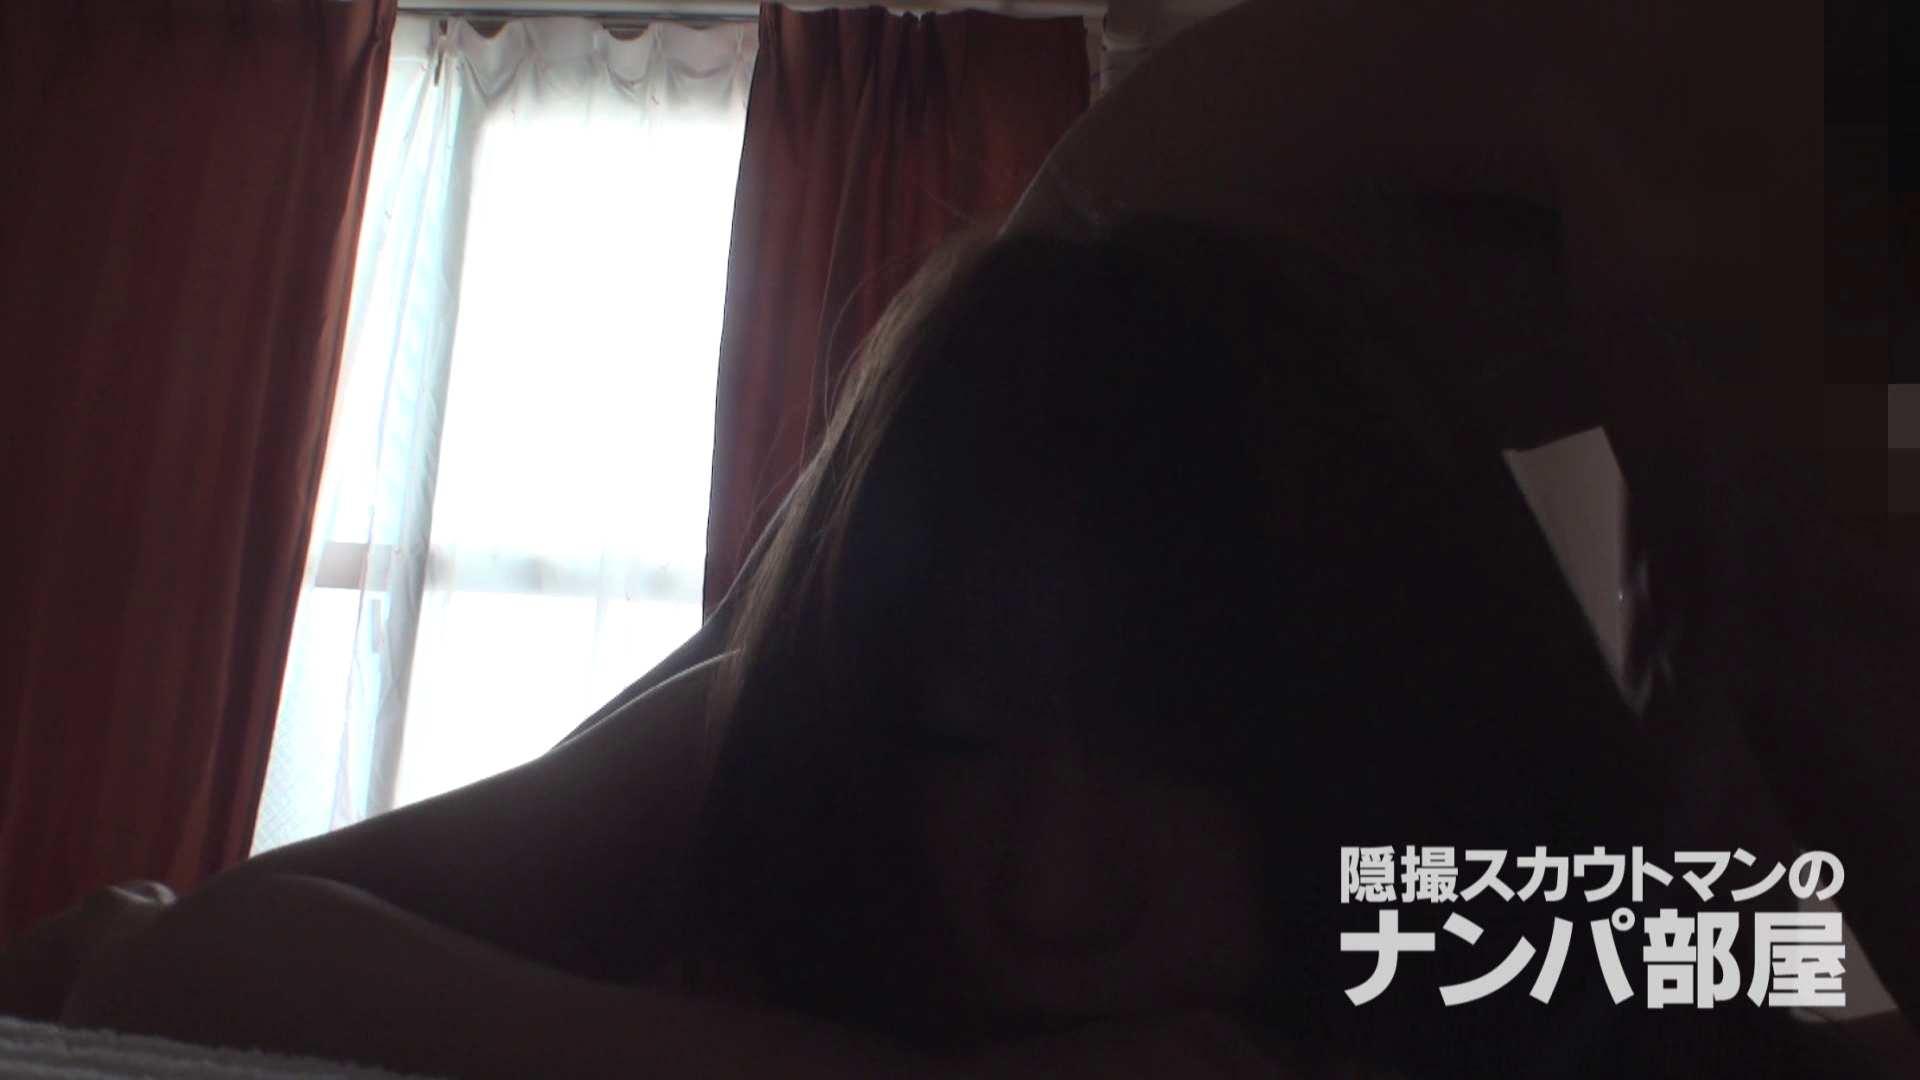 隠撮スカウトマンのナンパ部屋~風俗デビュー前のつまみ食い~ siivol.4 ナンパ ヌード画像 74pic 54